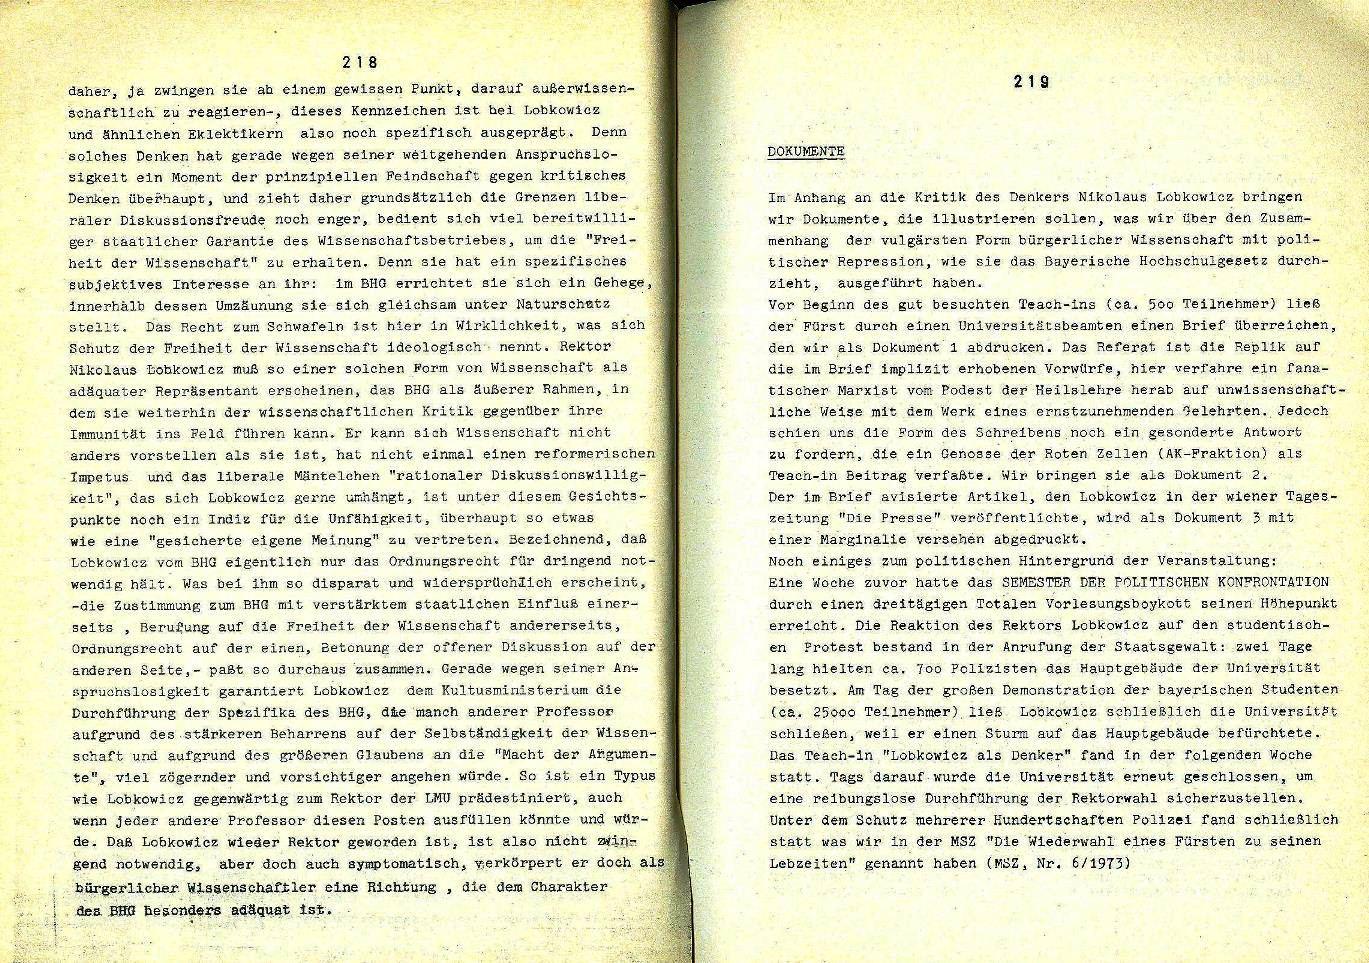 Muenchen_AK_Sozialistisches_Studium114